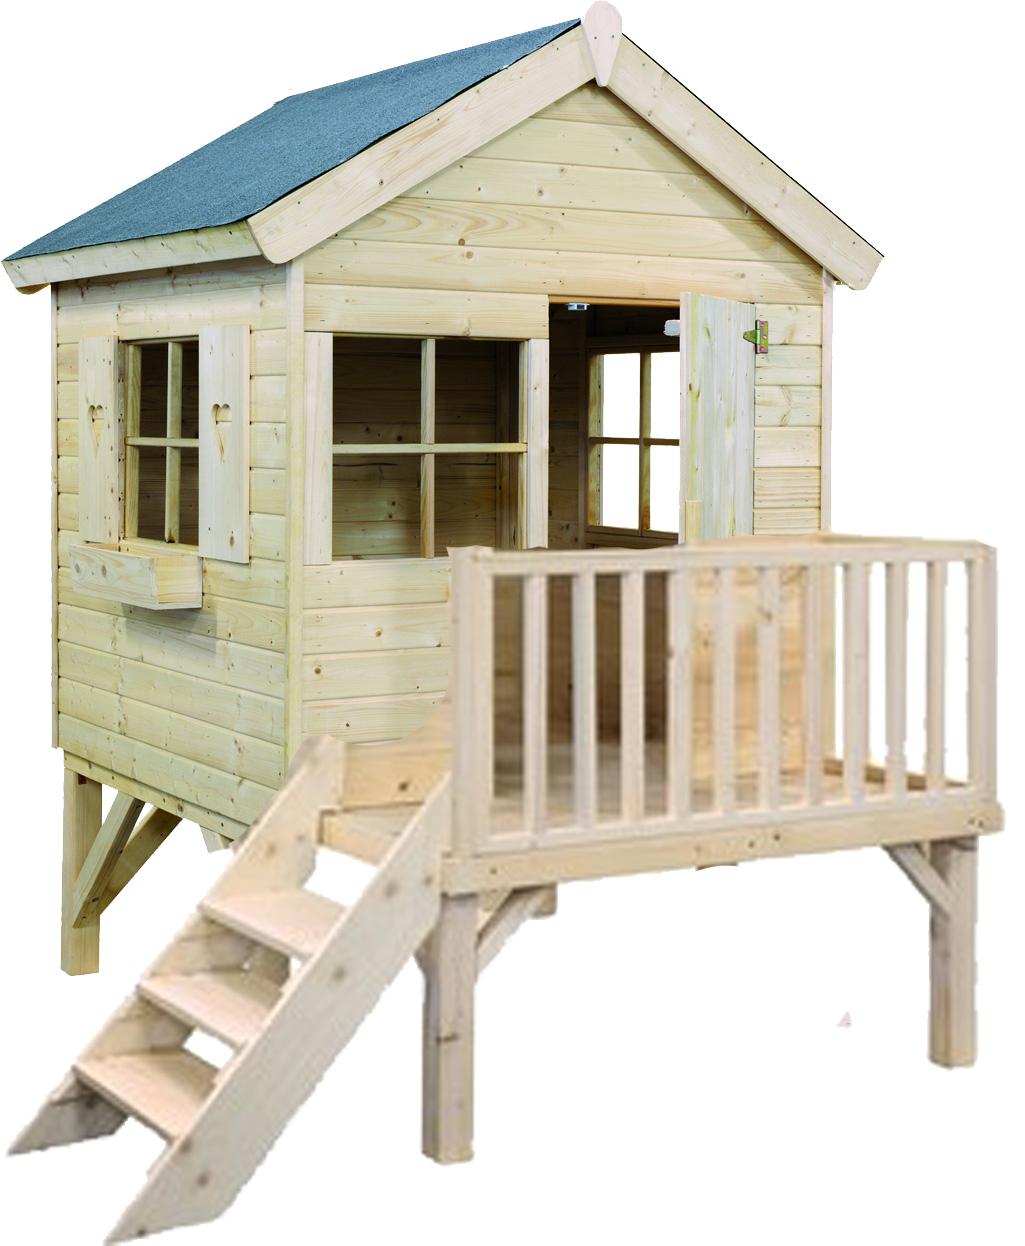 cabane en bois sur pilotis pas cher maison parallele. Black Bedroom Furniture Sets. Home Design Ideas